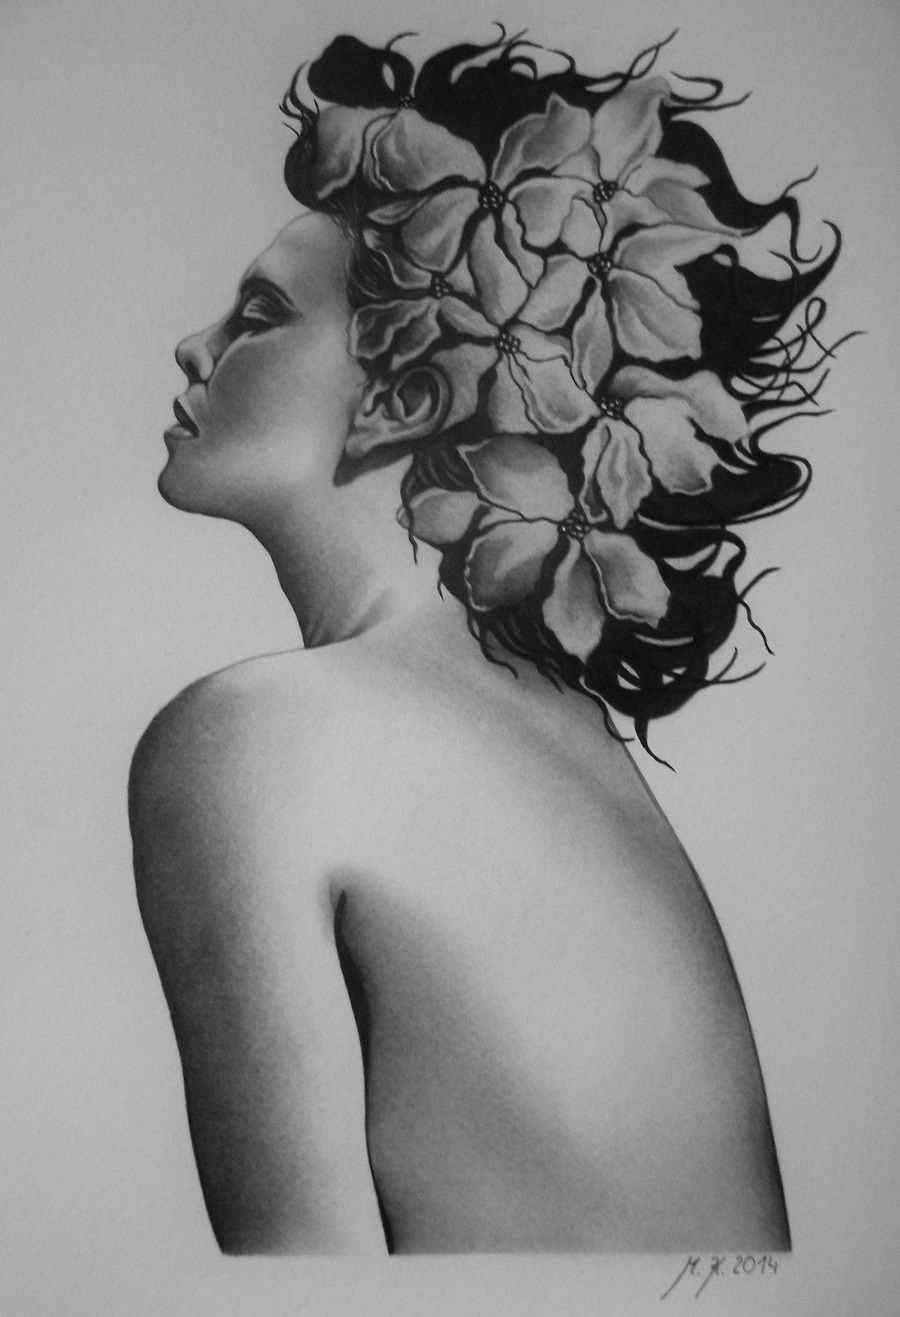 Kvetinova Zena Zbozi Prodejce Portretovani A Kresba Obrazu Fler Cz